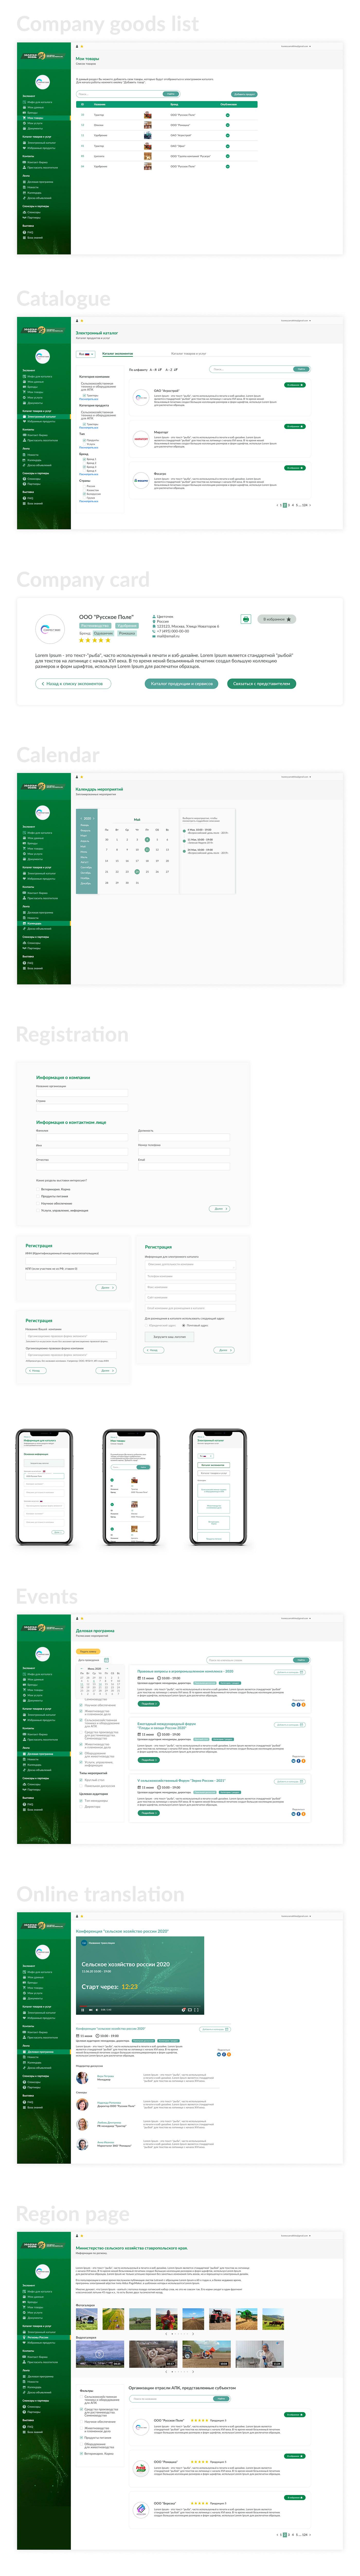 dashboard UI ux выставки интерфейс КАБИНЕТ личный мероприятия онлайн пользовательский